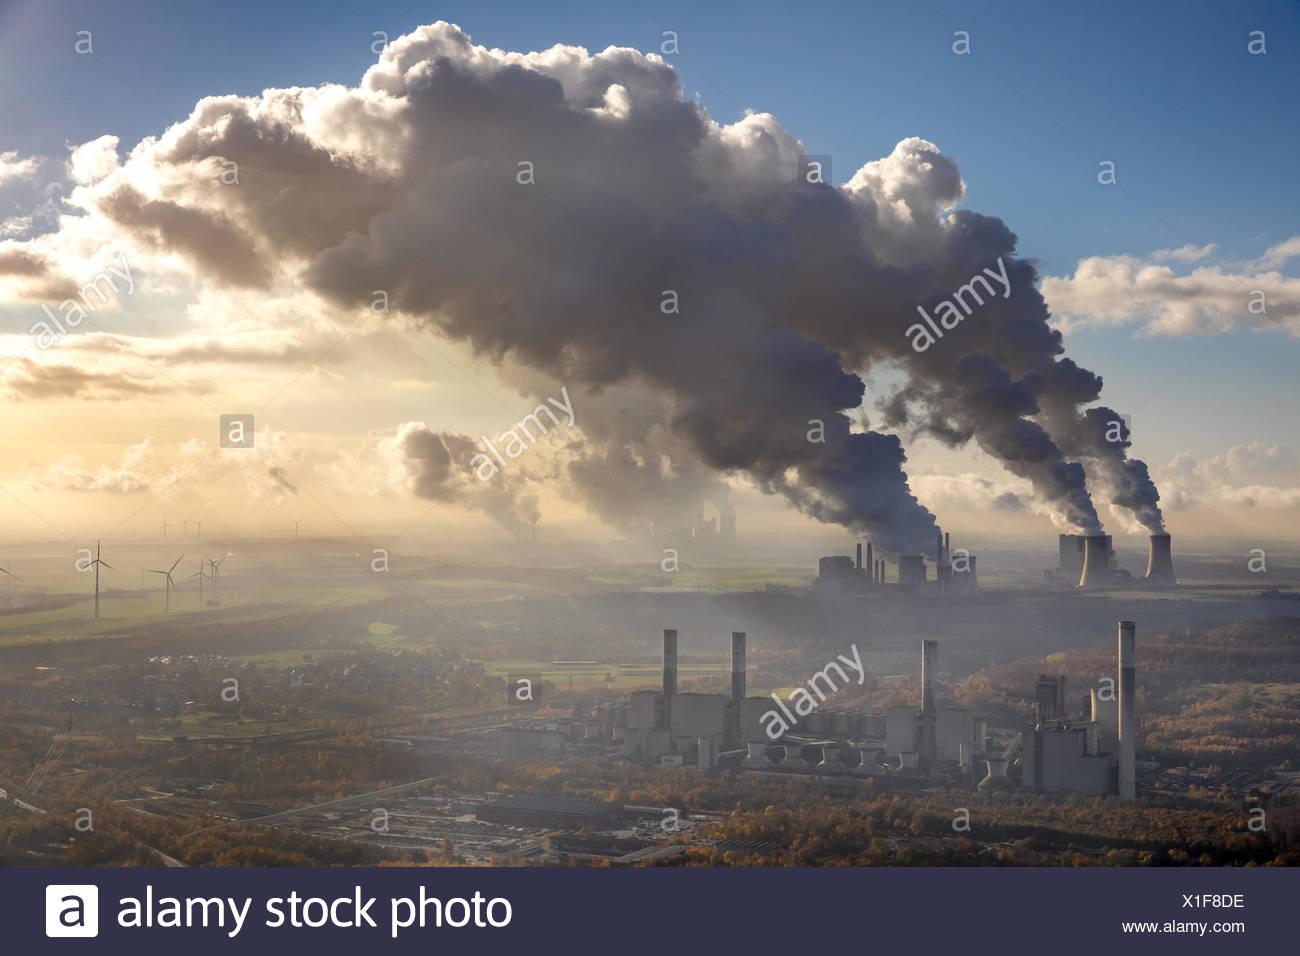 Lignite-fired power plant, Frimmersdorf lignite-fired power plant, RWE Power AG Neurath power plant, BoA 2&3, RWE Power AG - Stock Image